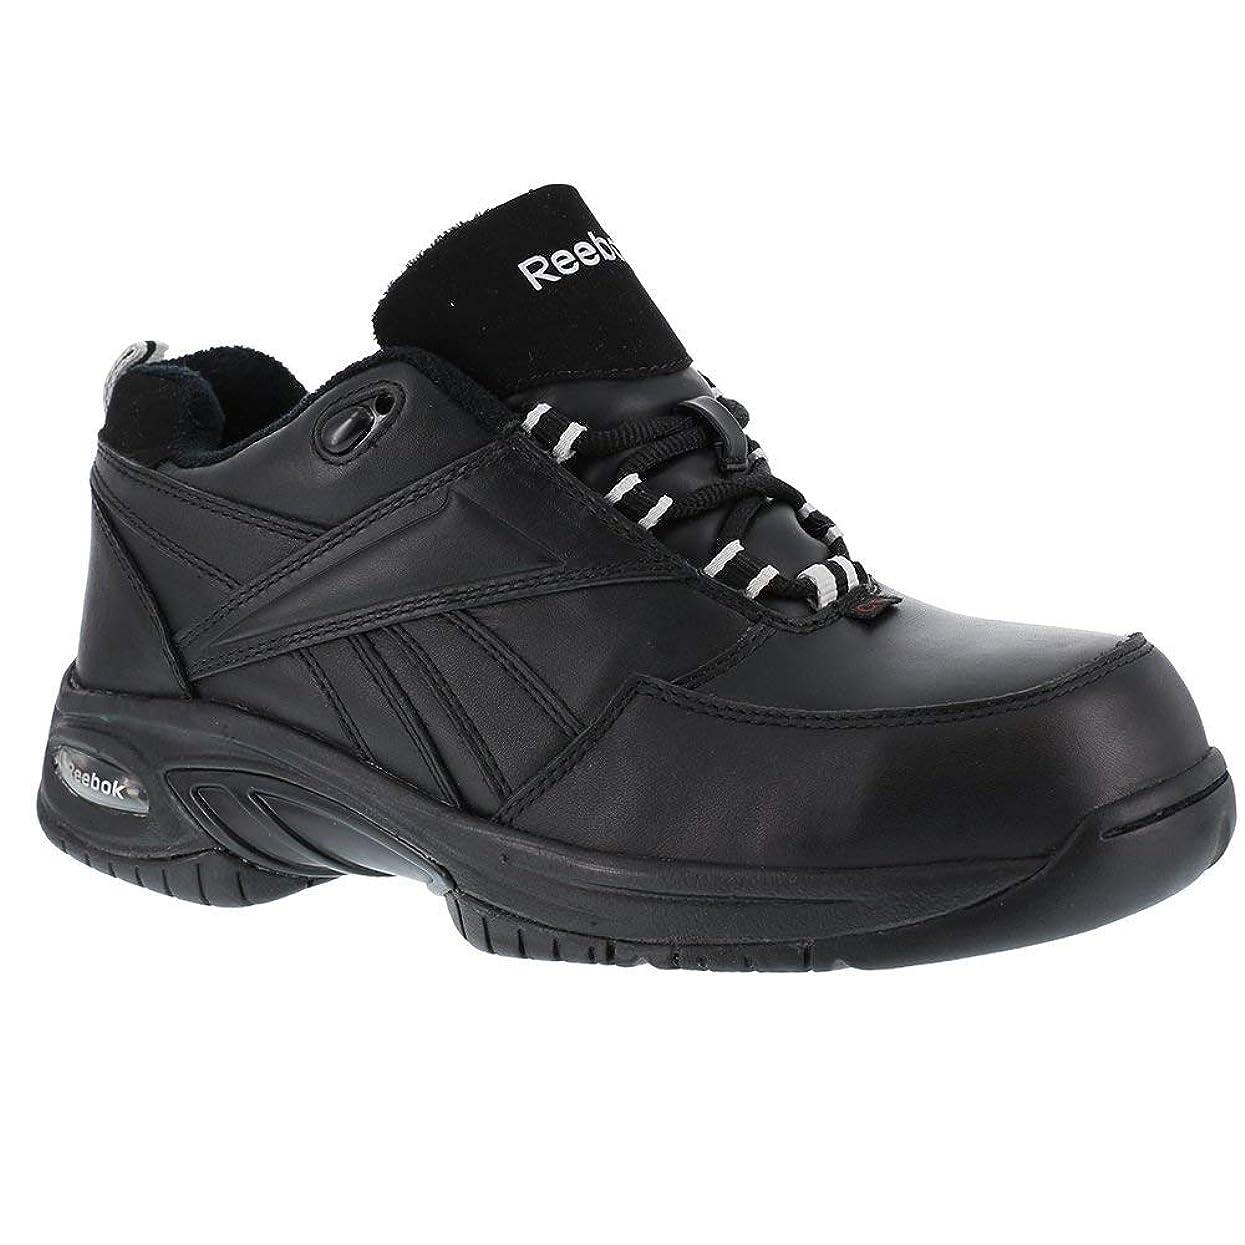 困惑した緑原始的な[リーボック] の女性作業靴TYAK Composite Safety Toe?–?rb417